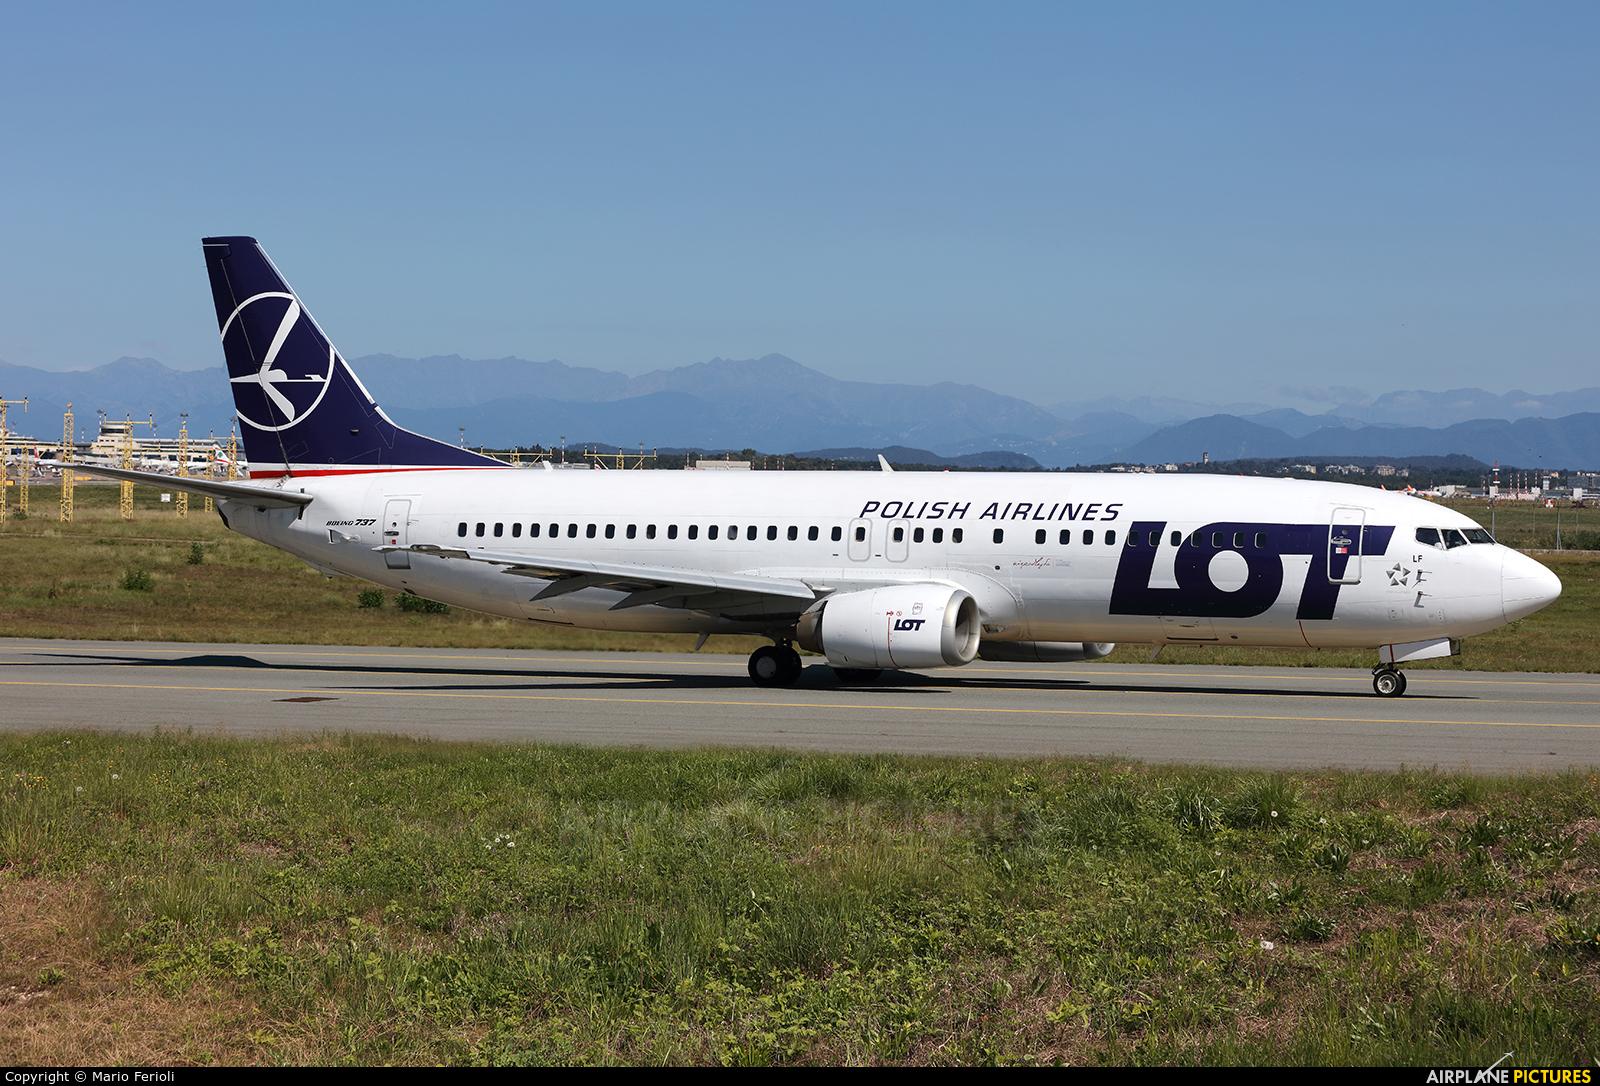 LOT - Polish Airlines SP-LLF aircraft at Milan - Malpensa